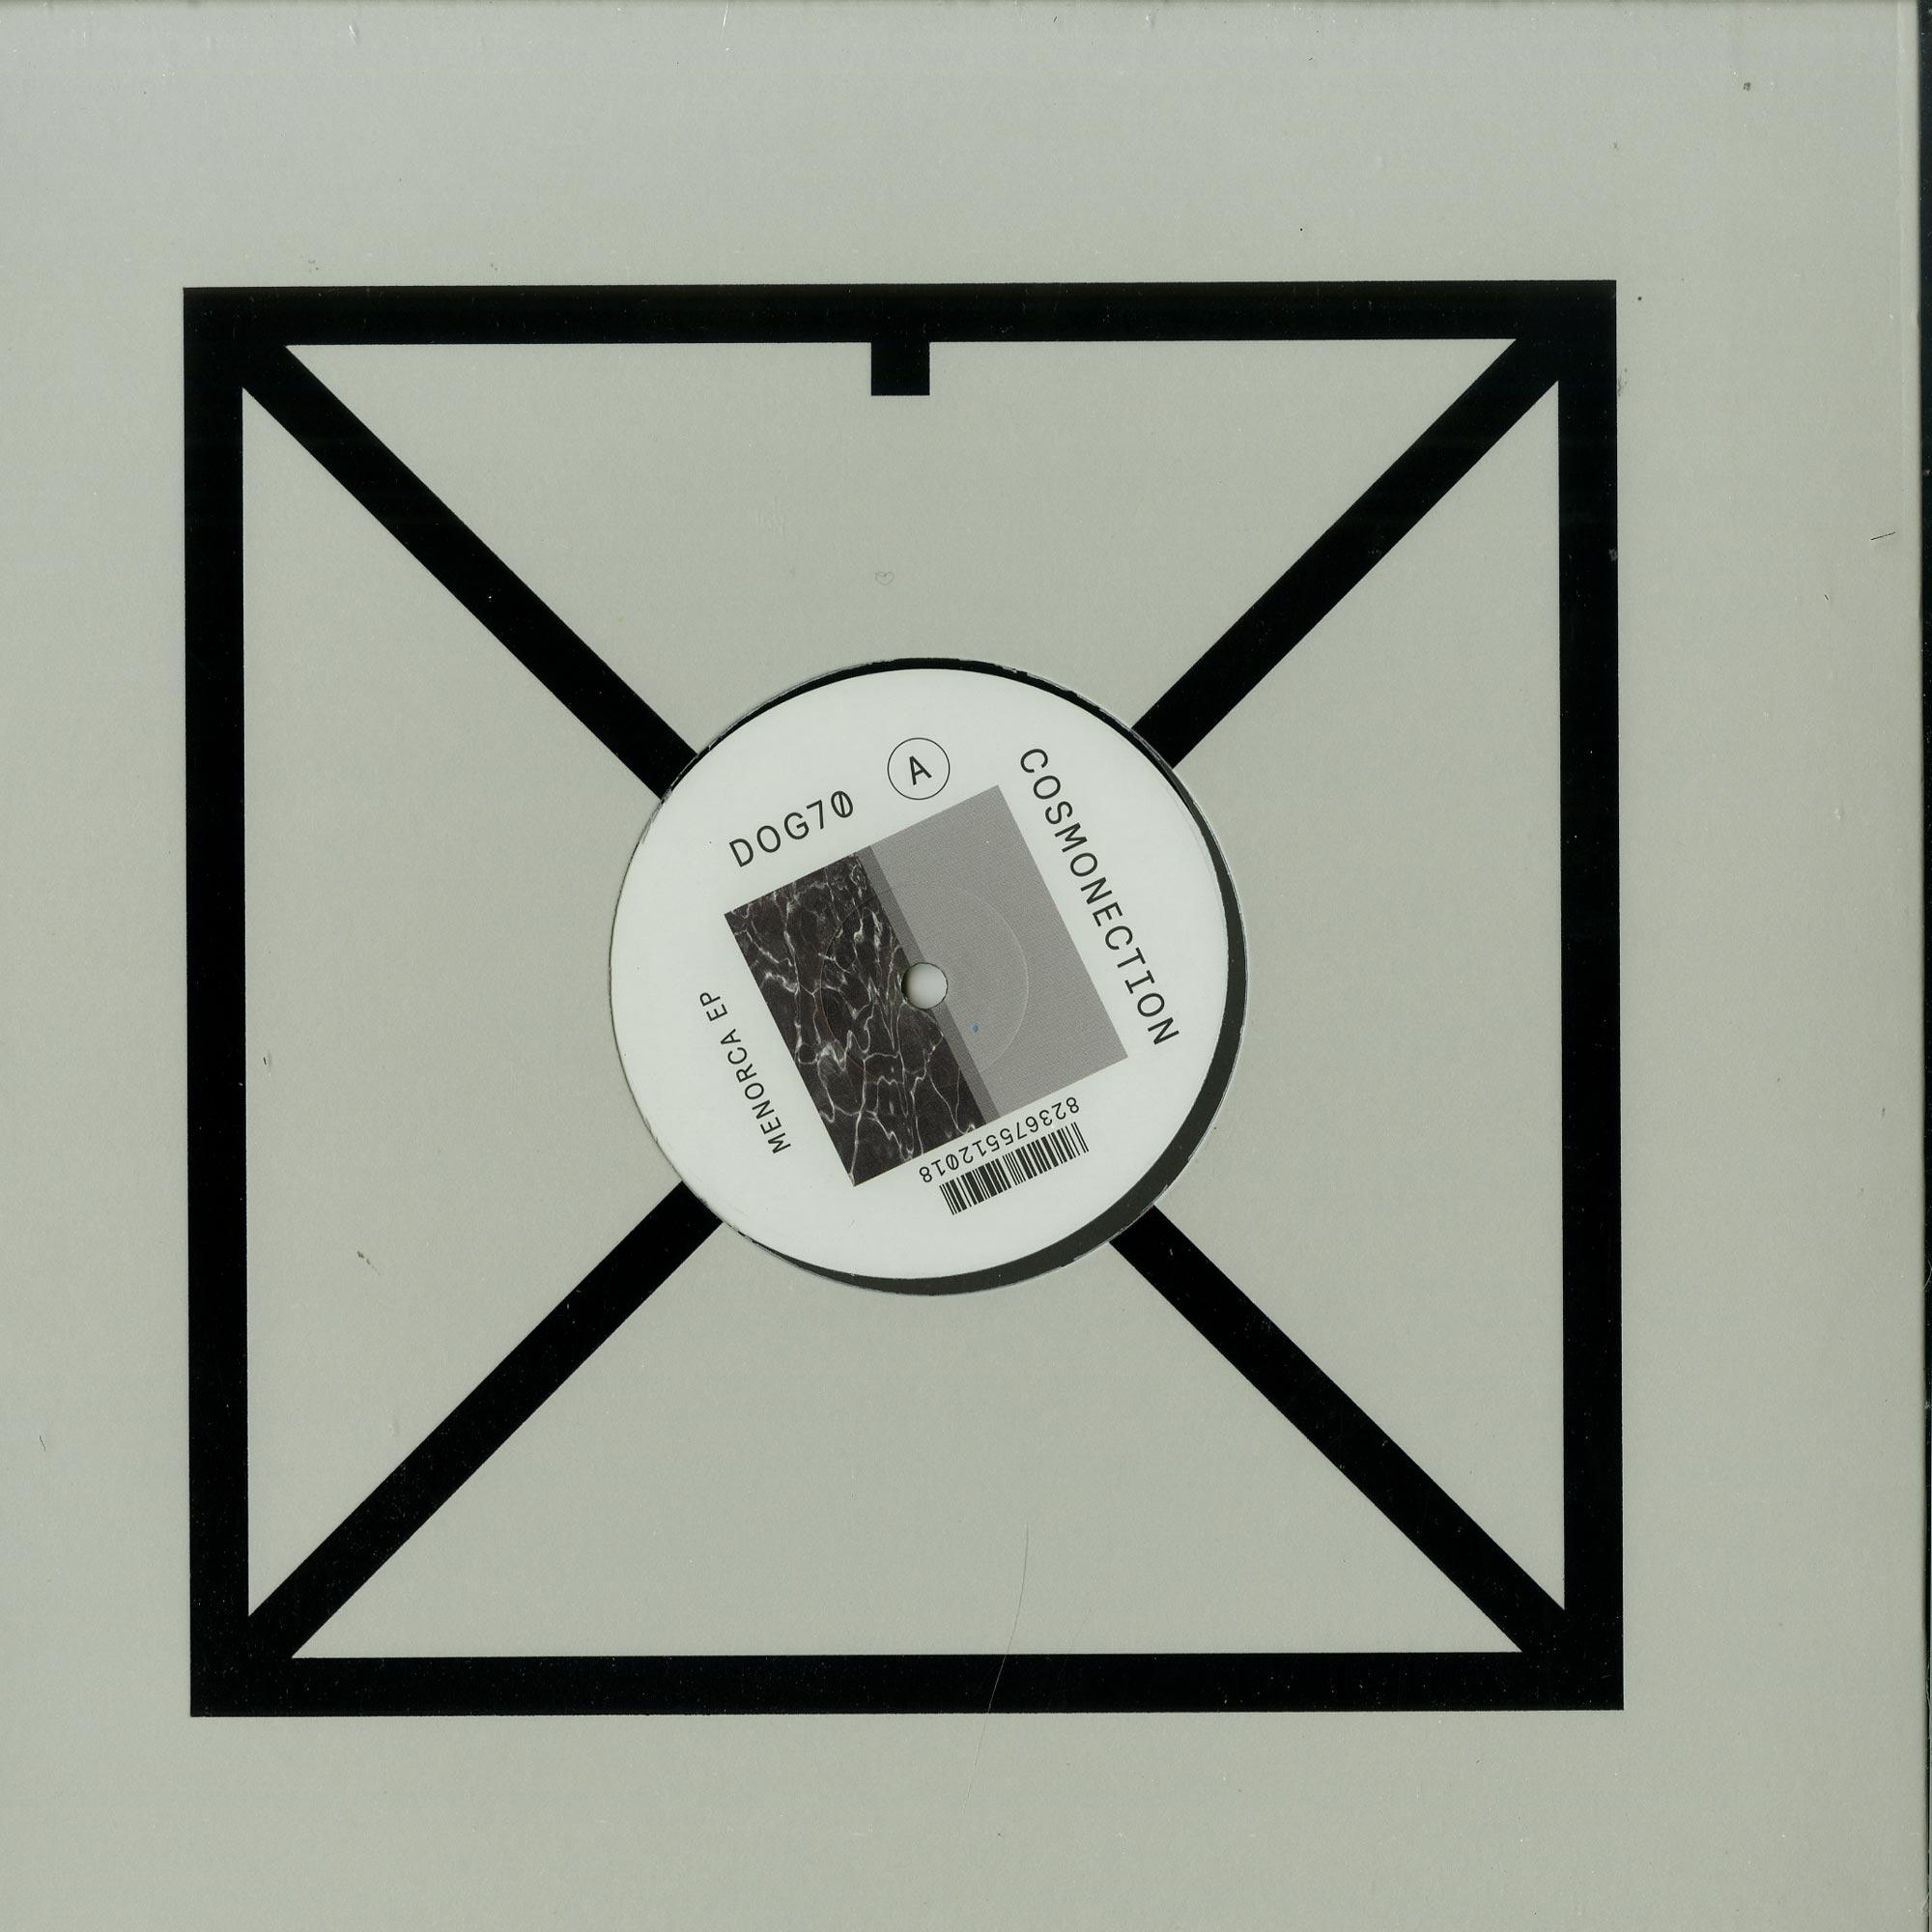 Cosmonection - MENORCA EP